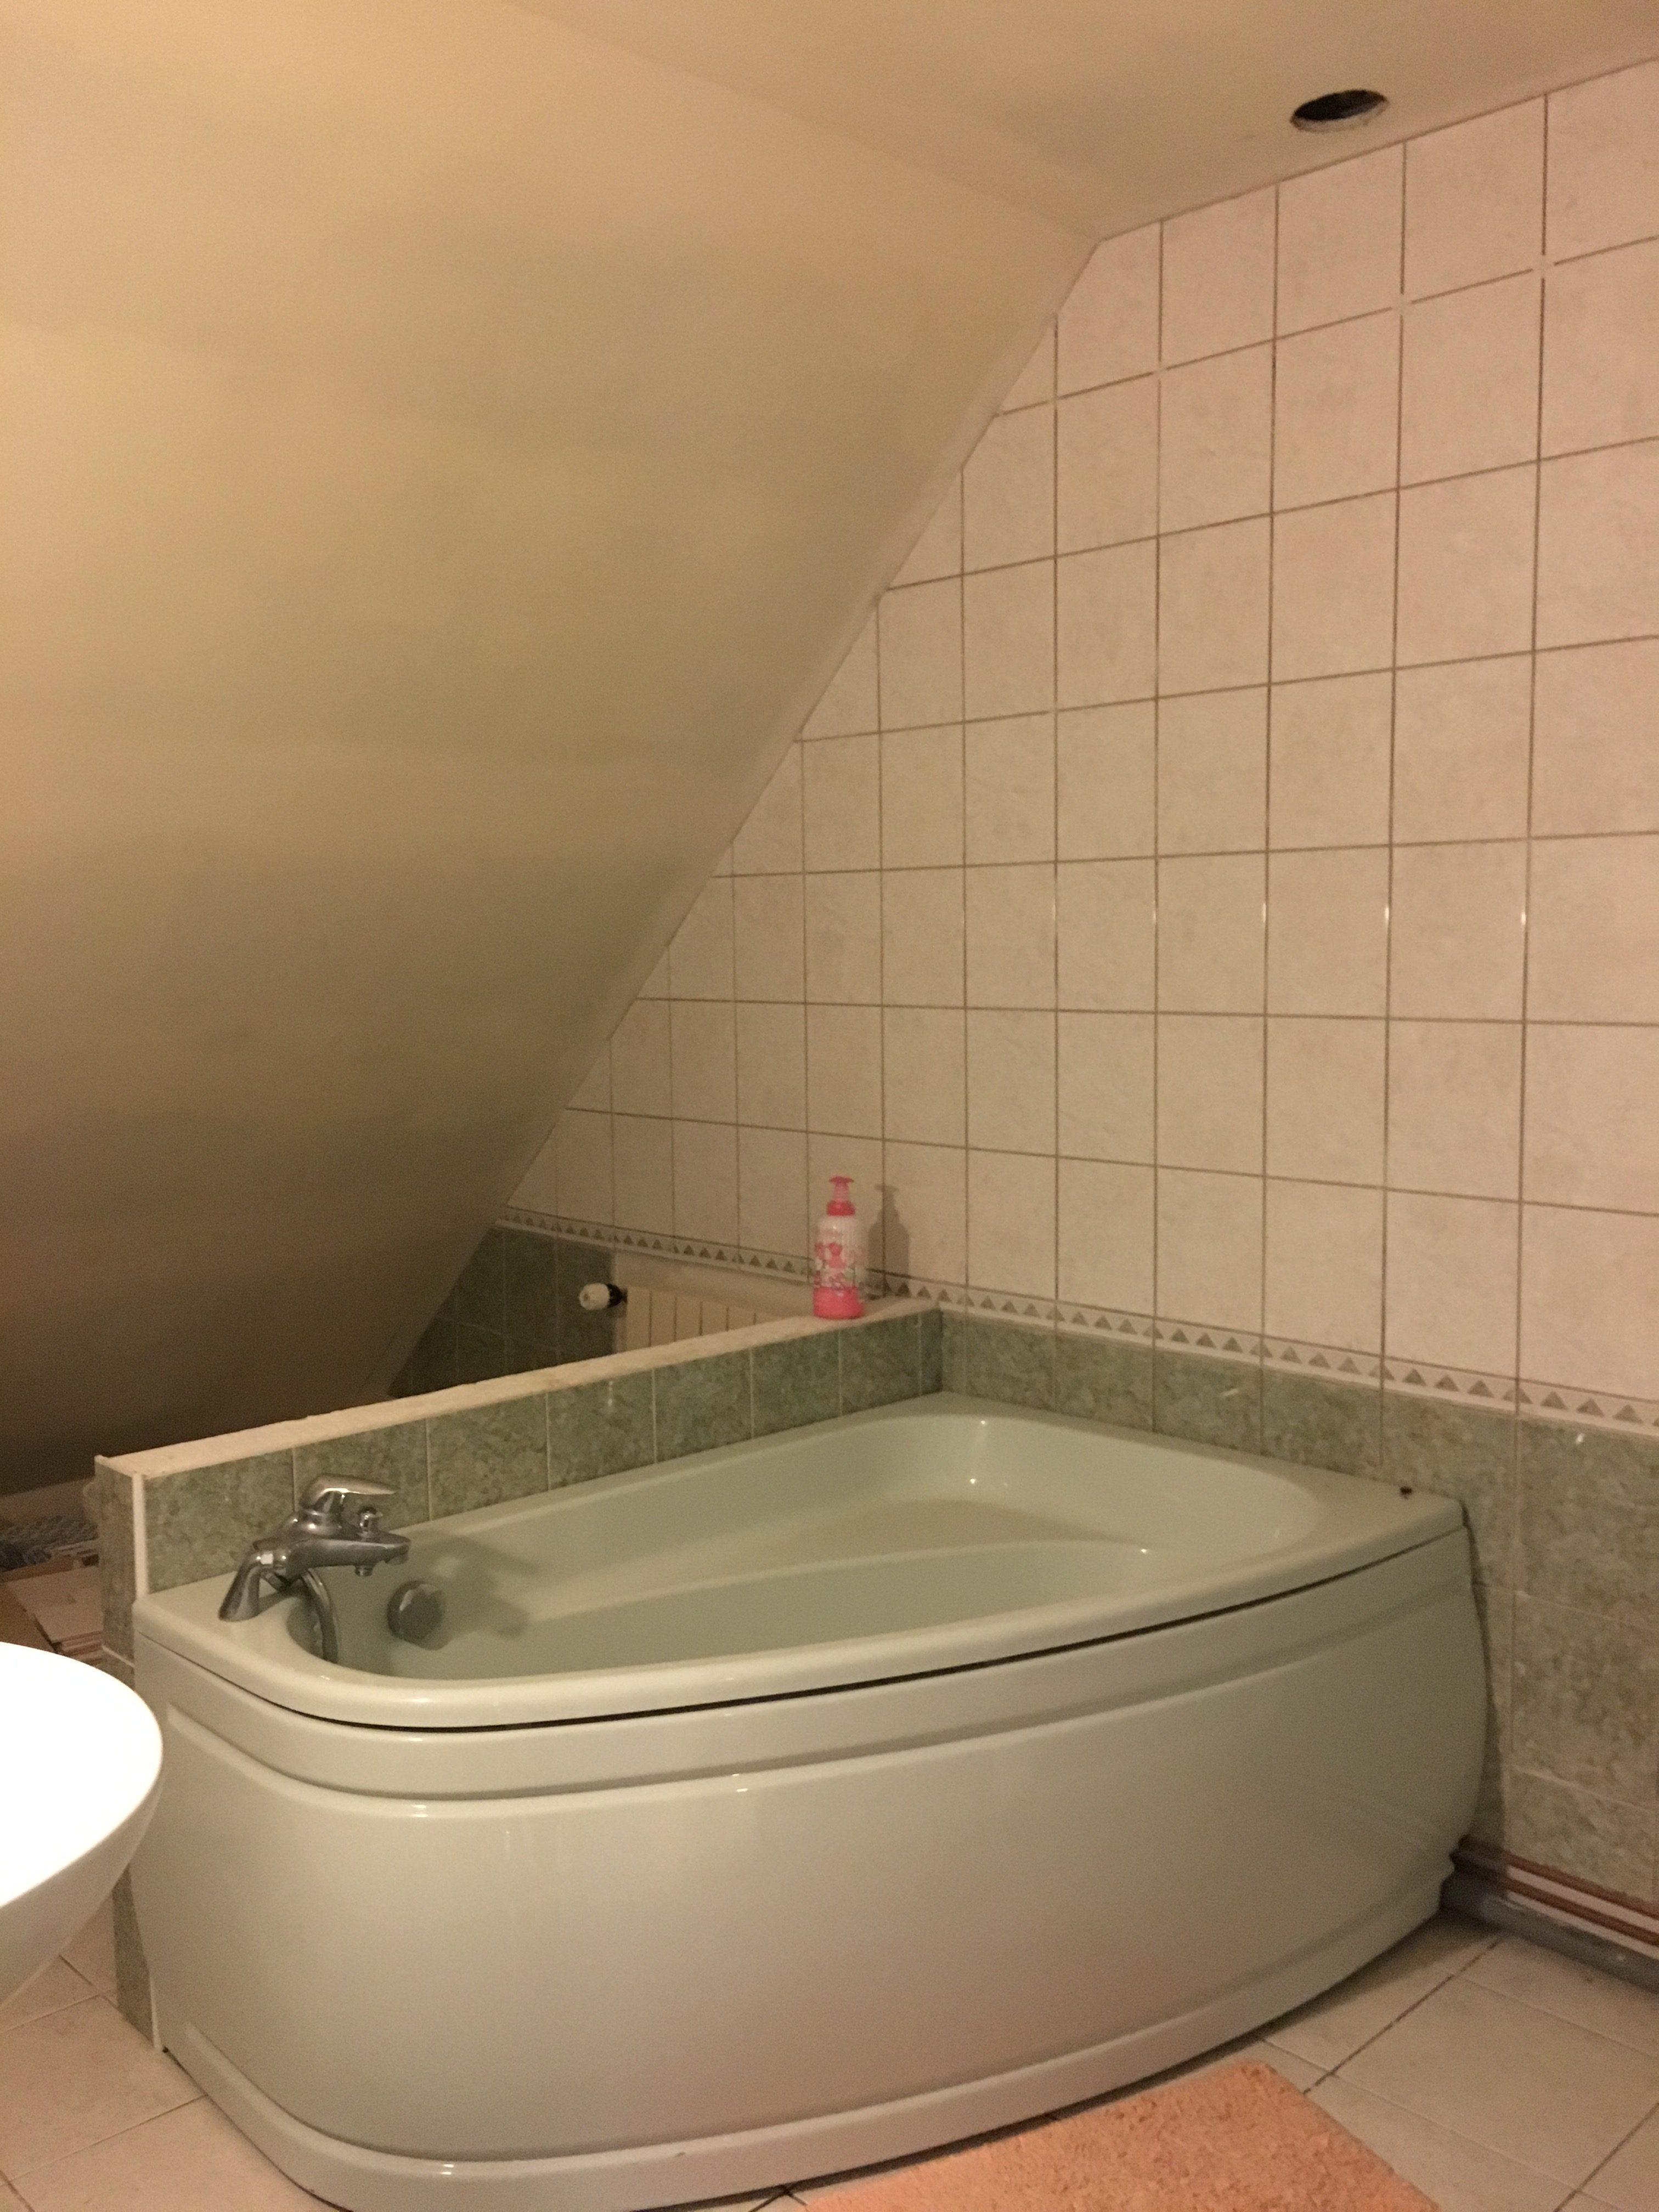 Carrelage Sol Moche Que Faire les papotages de nana la salle de bains (avant/ après)